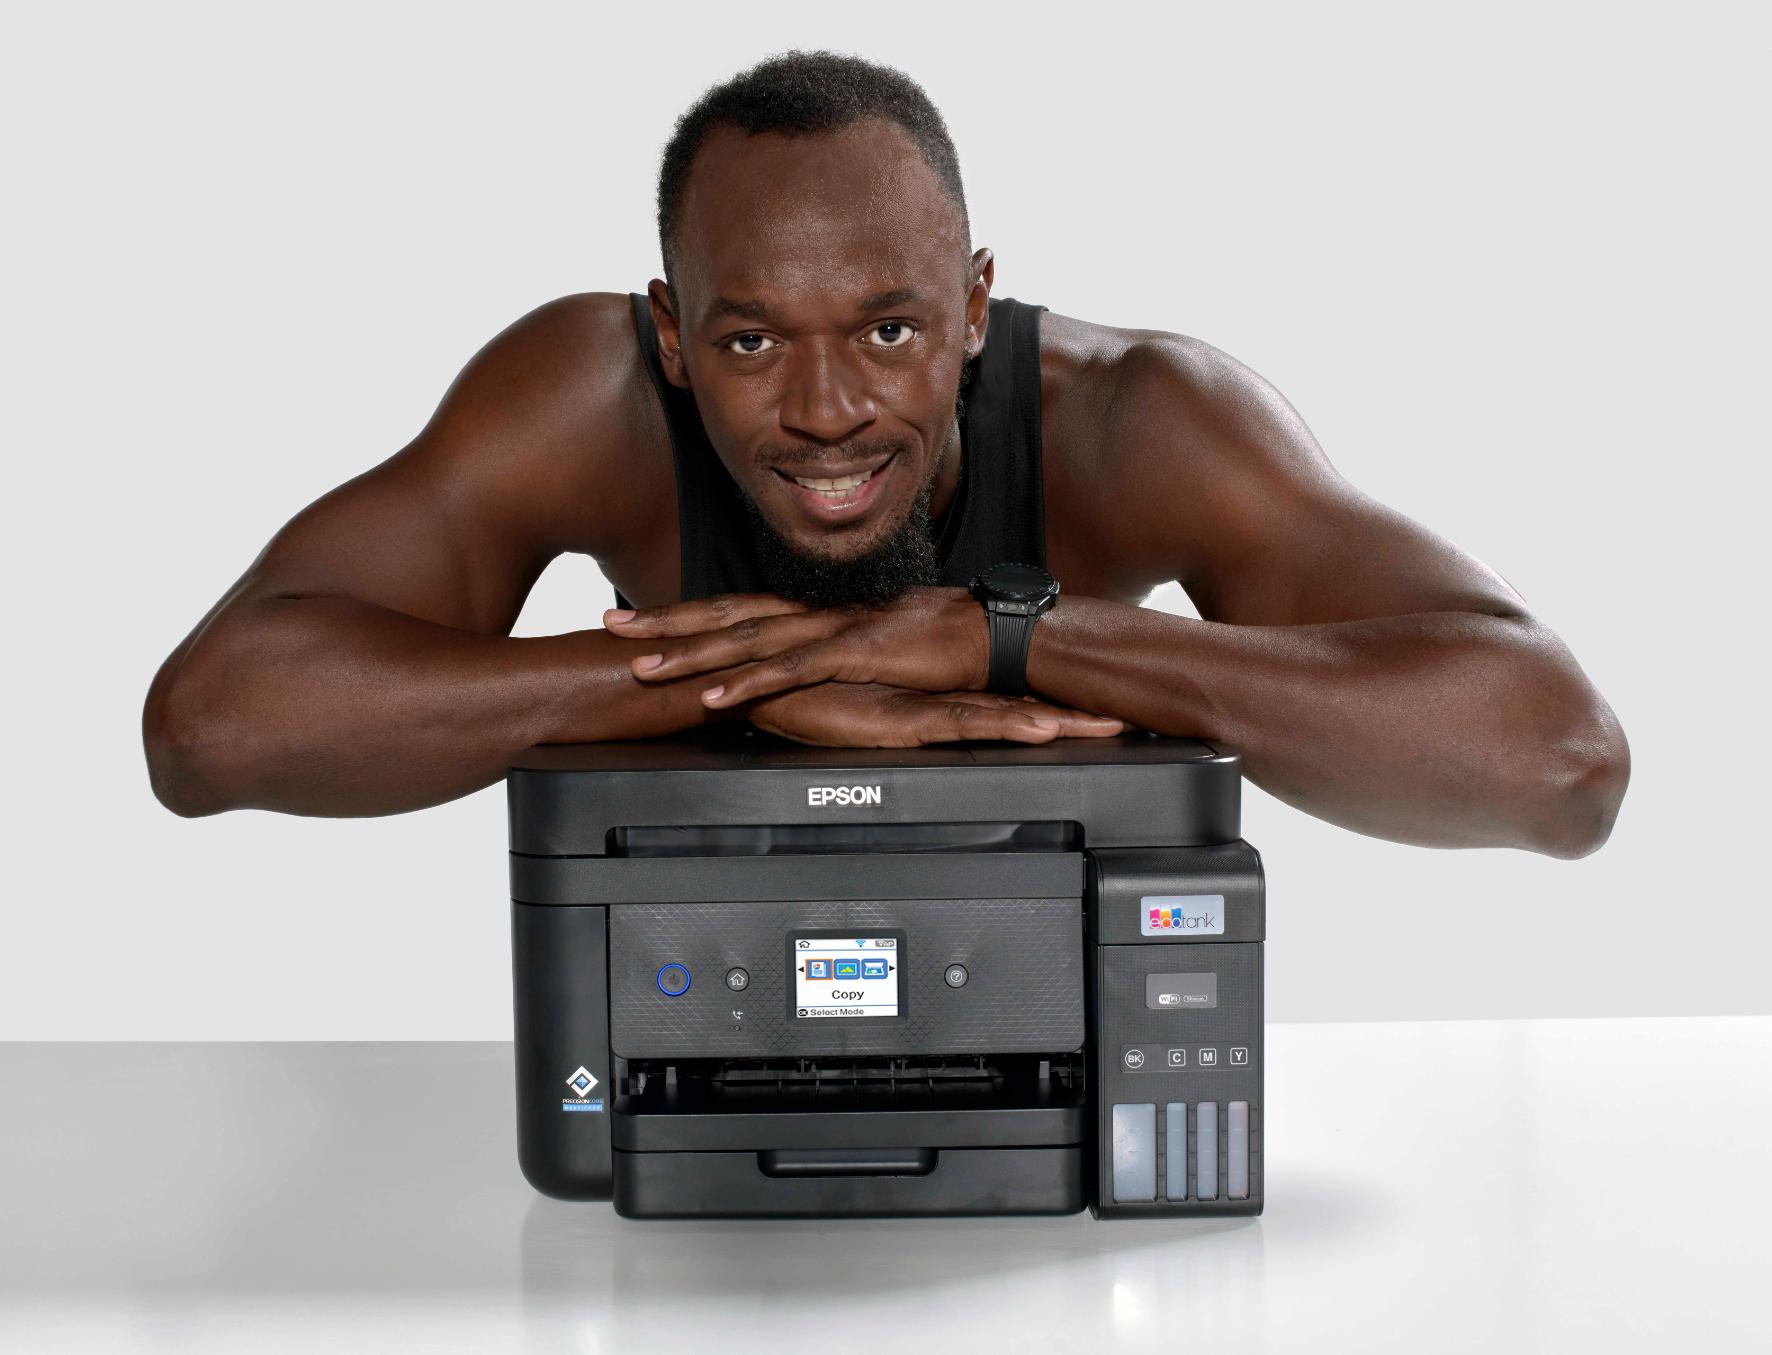 Epson insieme a Usain Bolt per promuovere la stampa senza cartucce